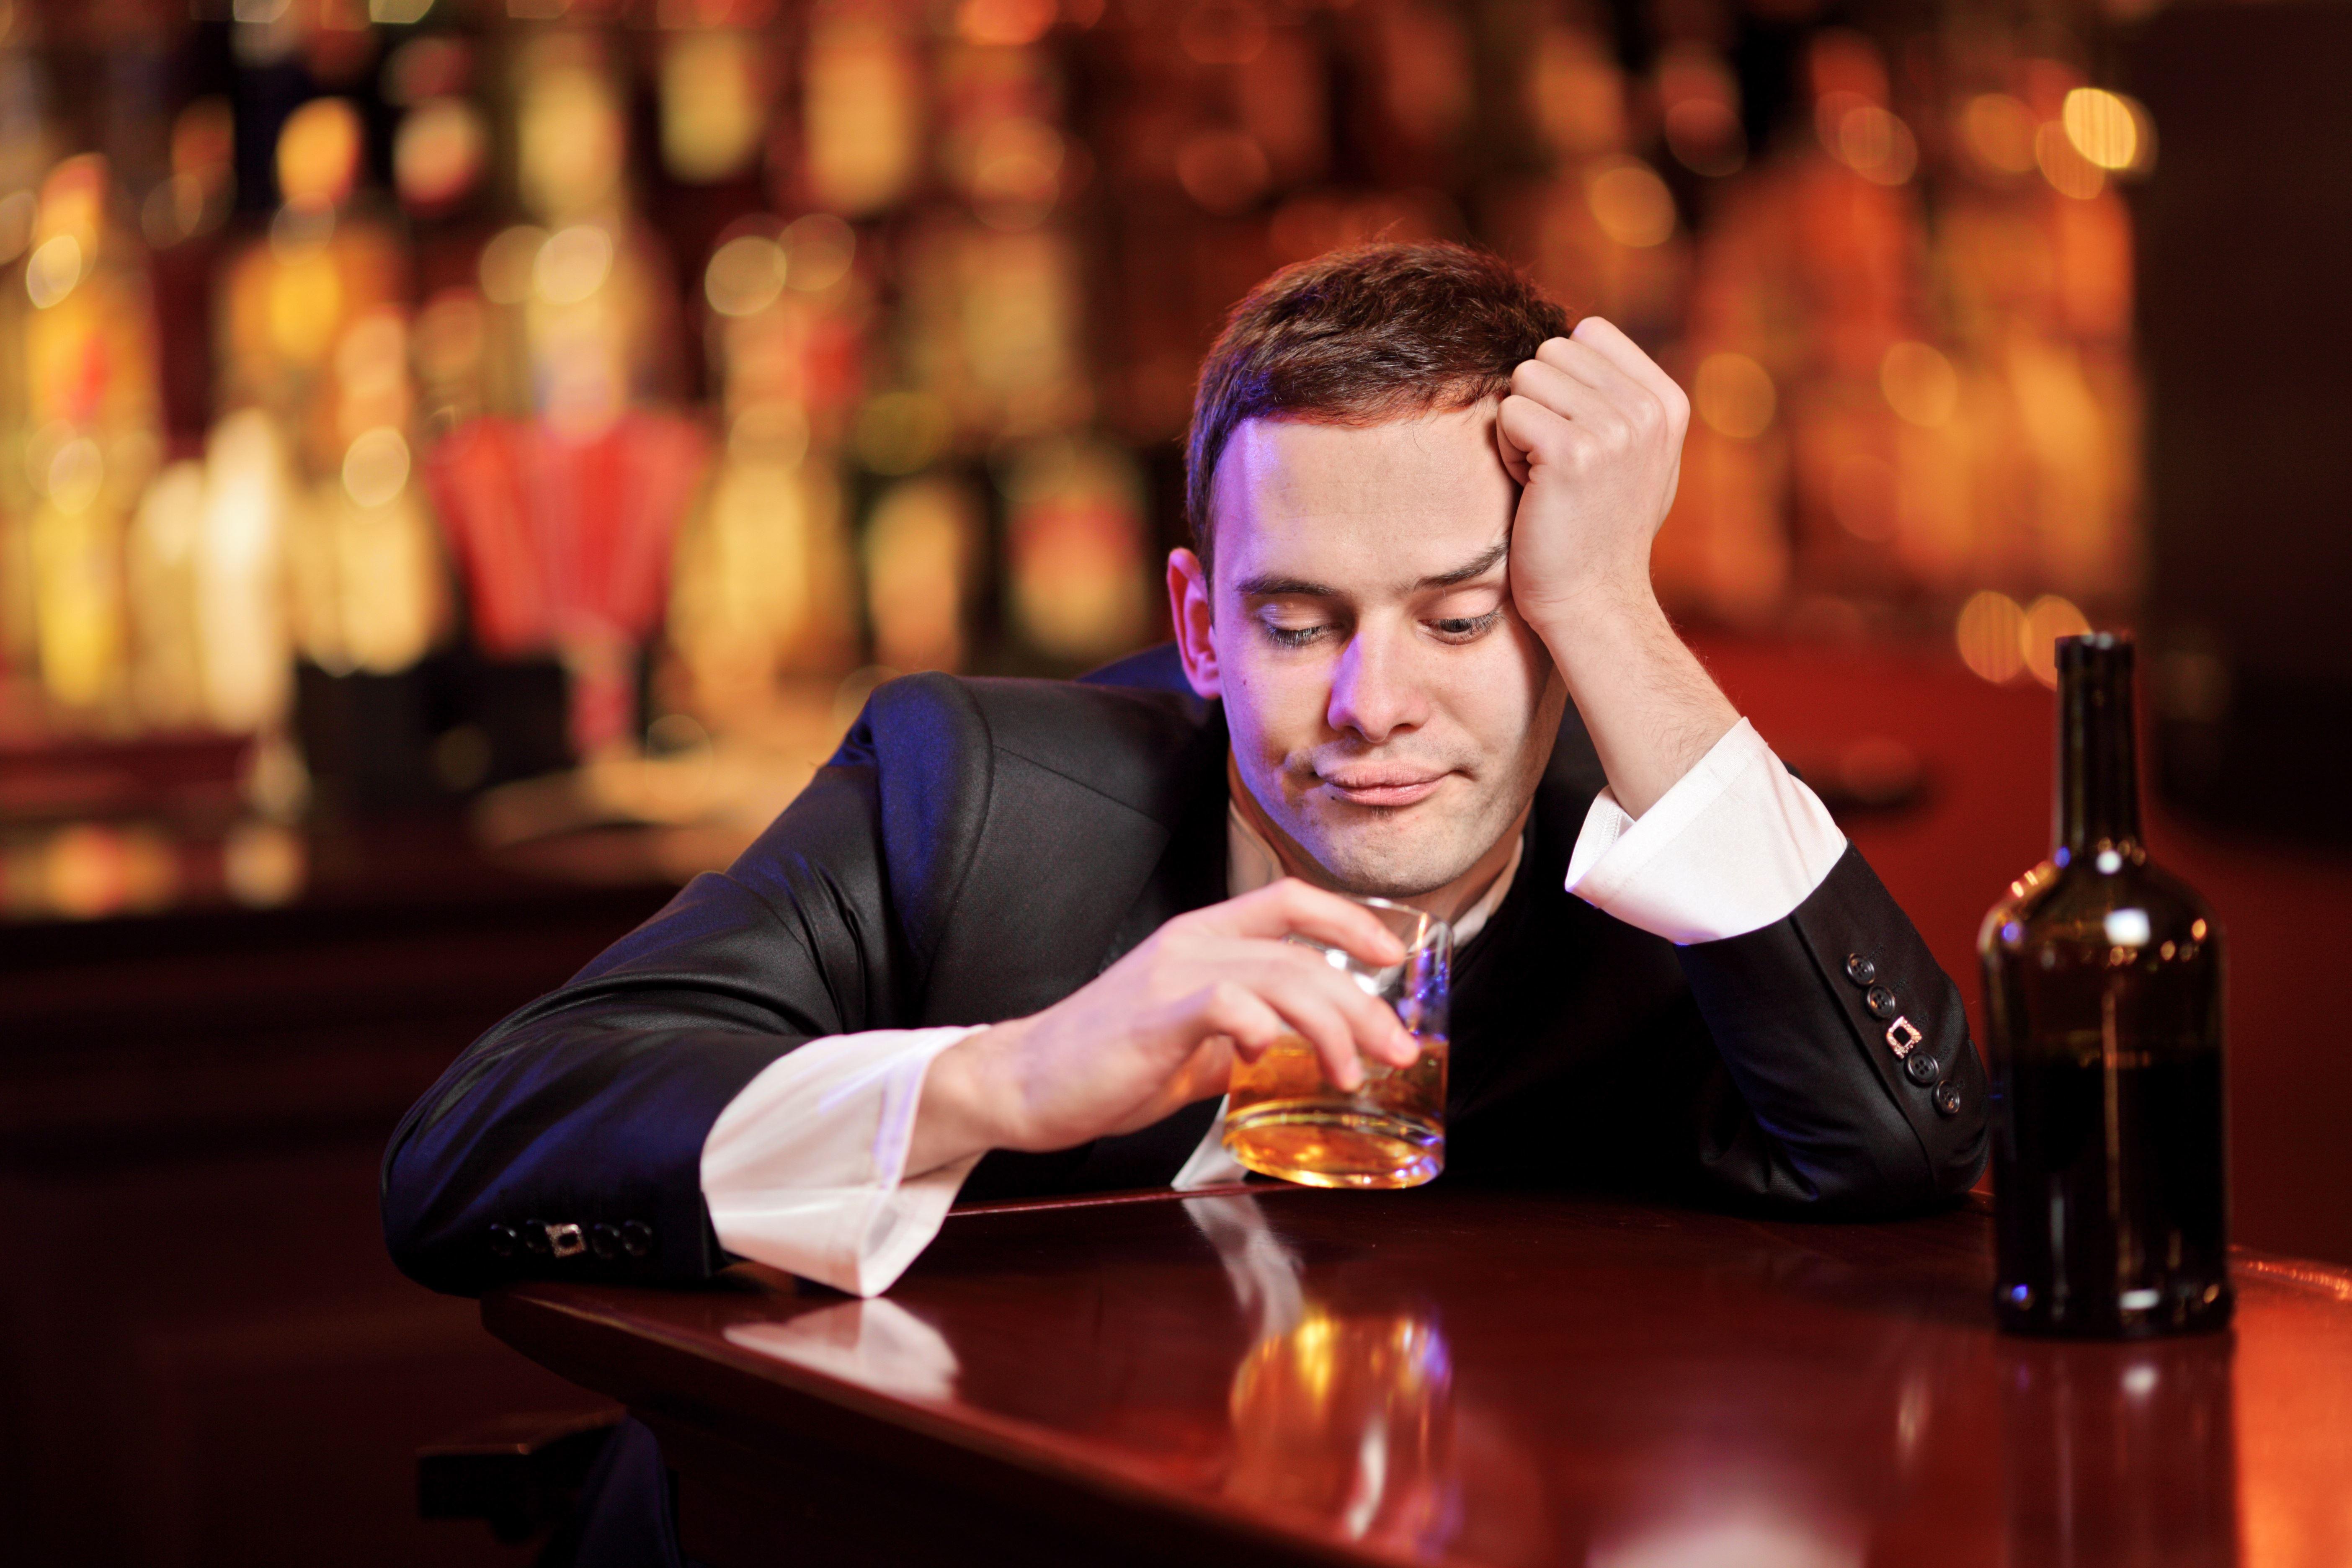 5 мифов о пользе алкогольных напитков женский сайт обо всем.